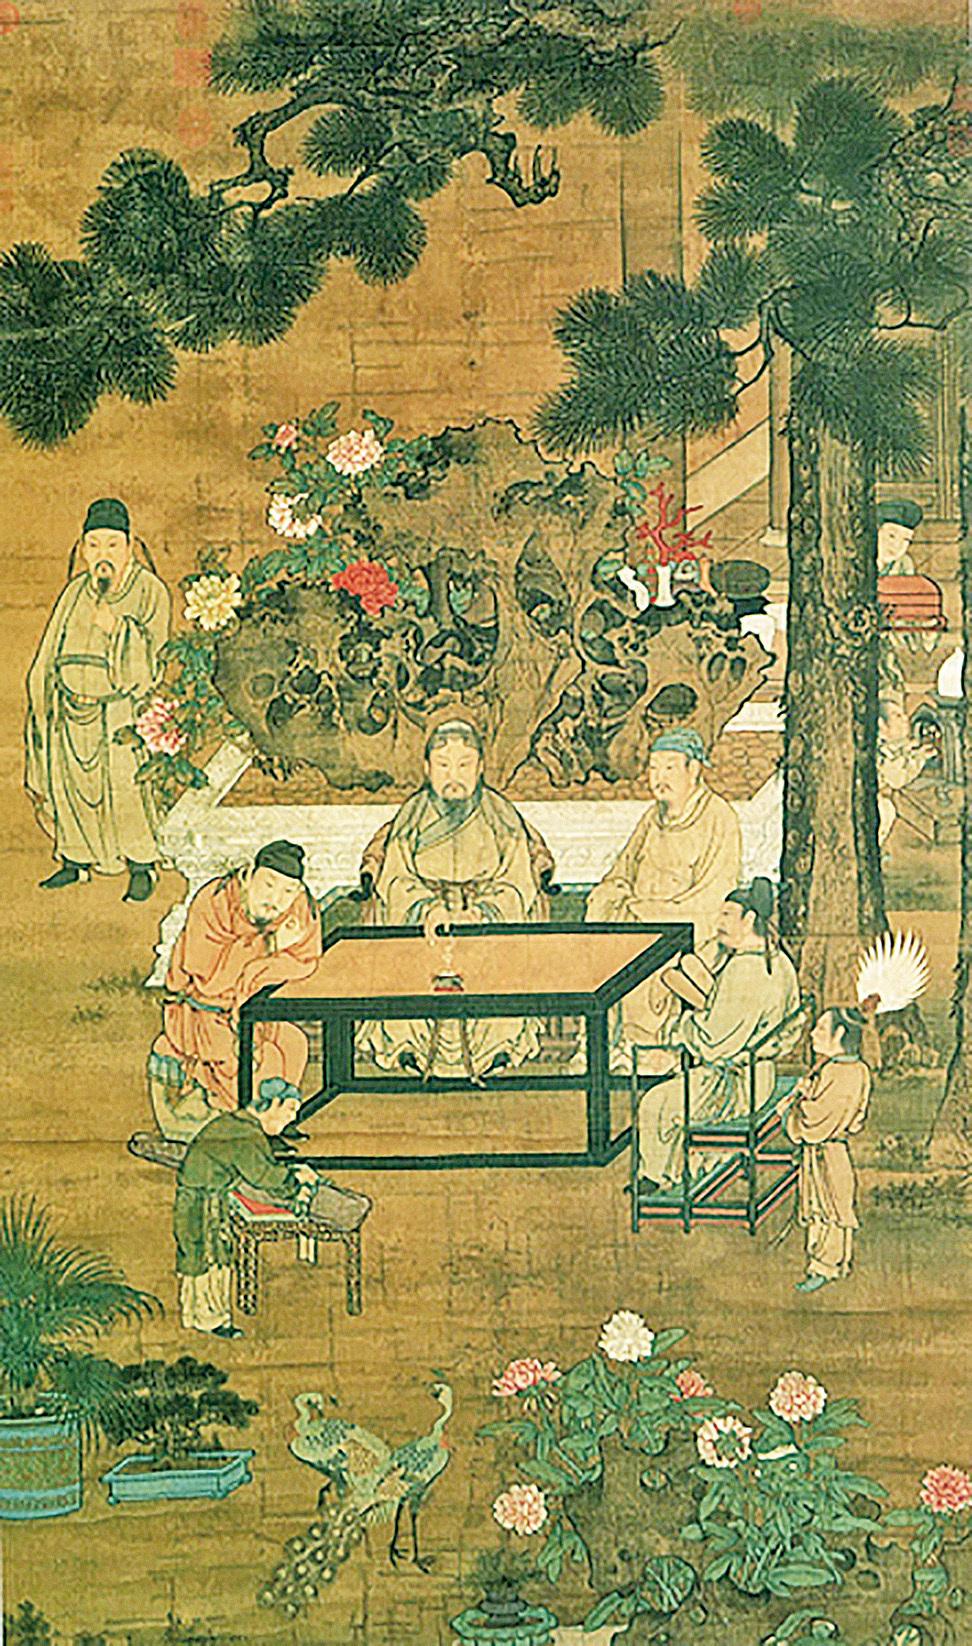 宋人《十八學士圖屏》(部分),絹本設色,匯北故宮博物院藏。(公有領域)